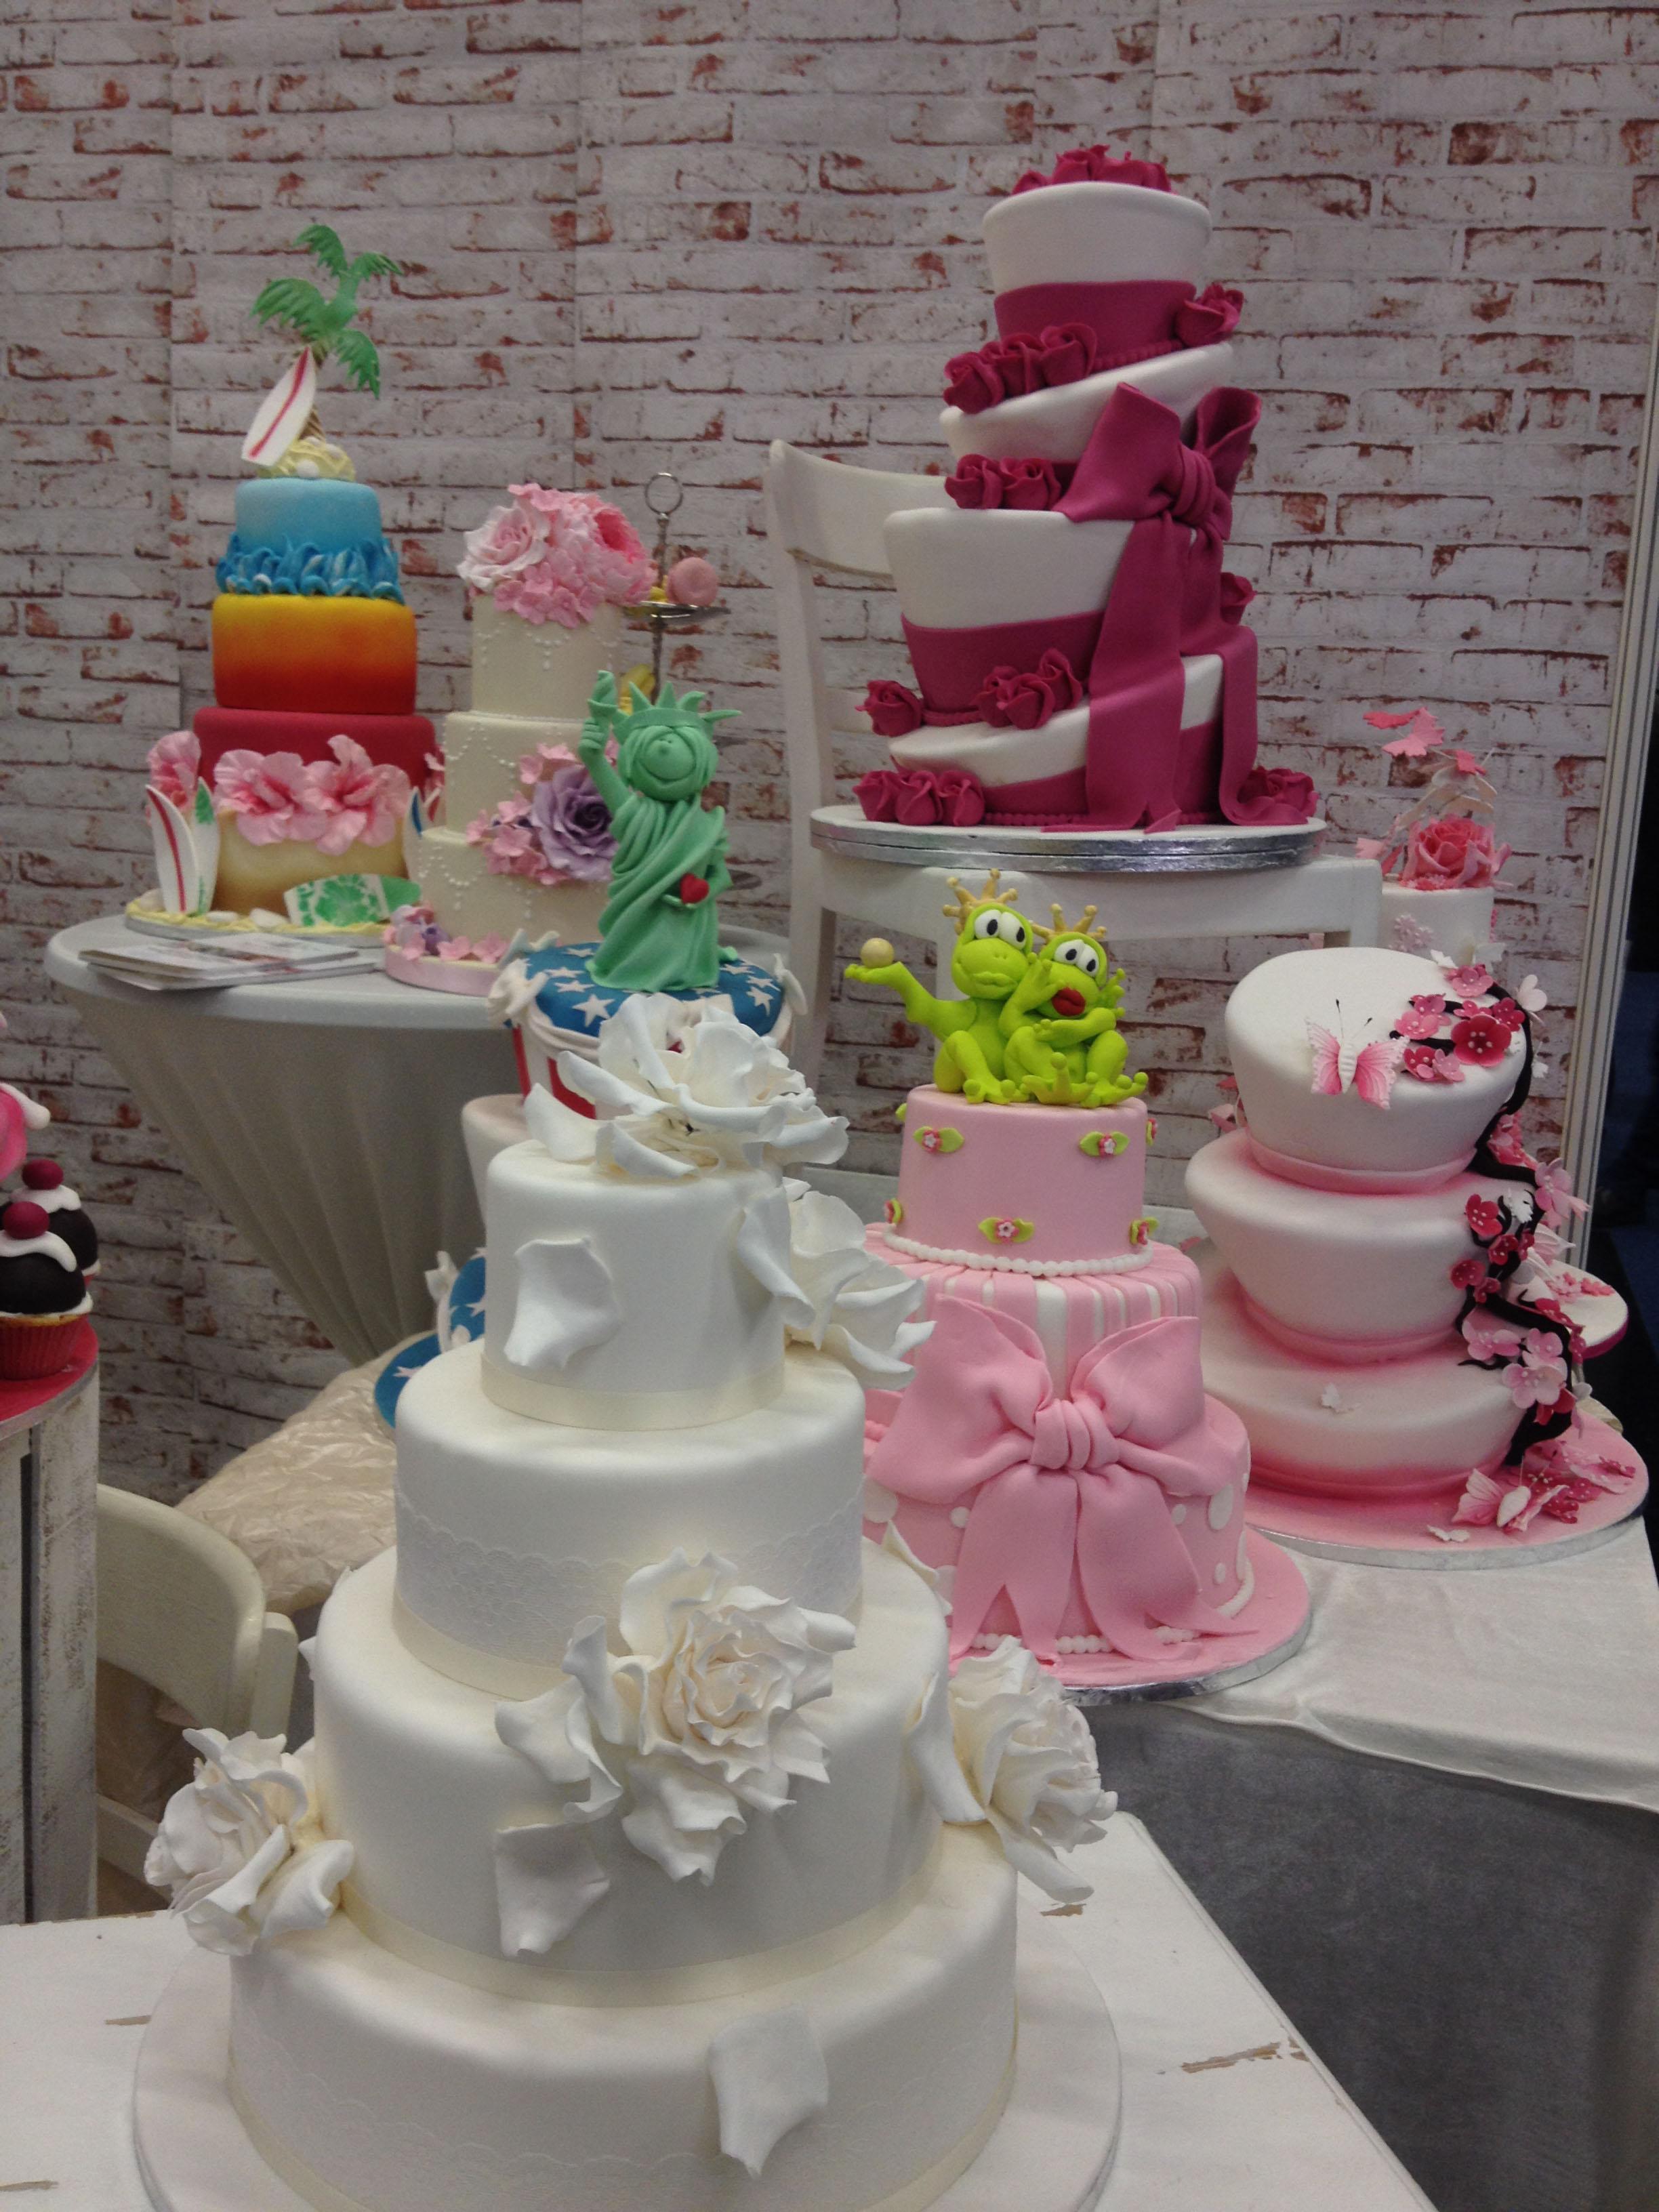 Wedding Dress Hochzeitsmesse Impressionen Hochzeit heiraten Brautkleid Hochzeitstorte rosa 3 stock blumen weiß